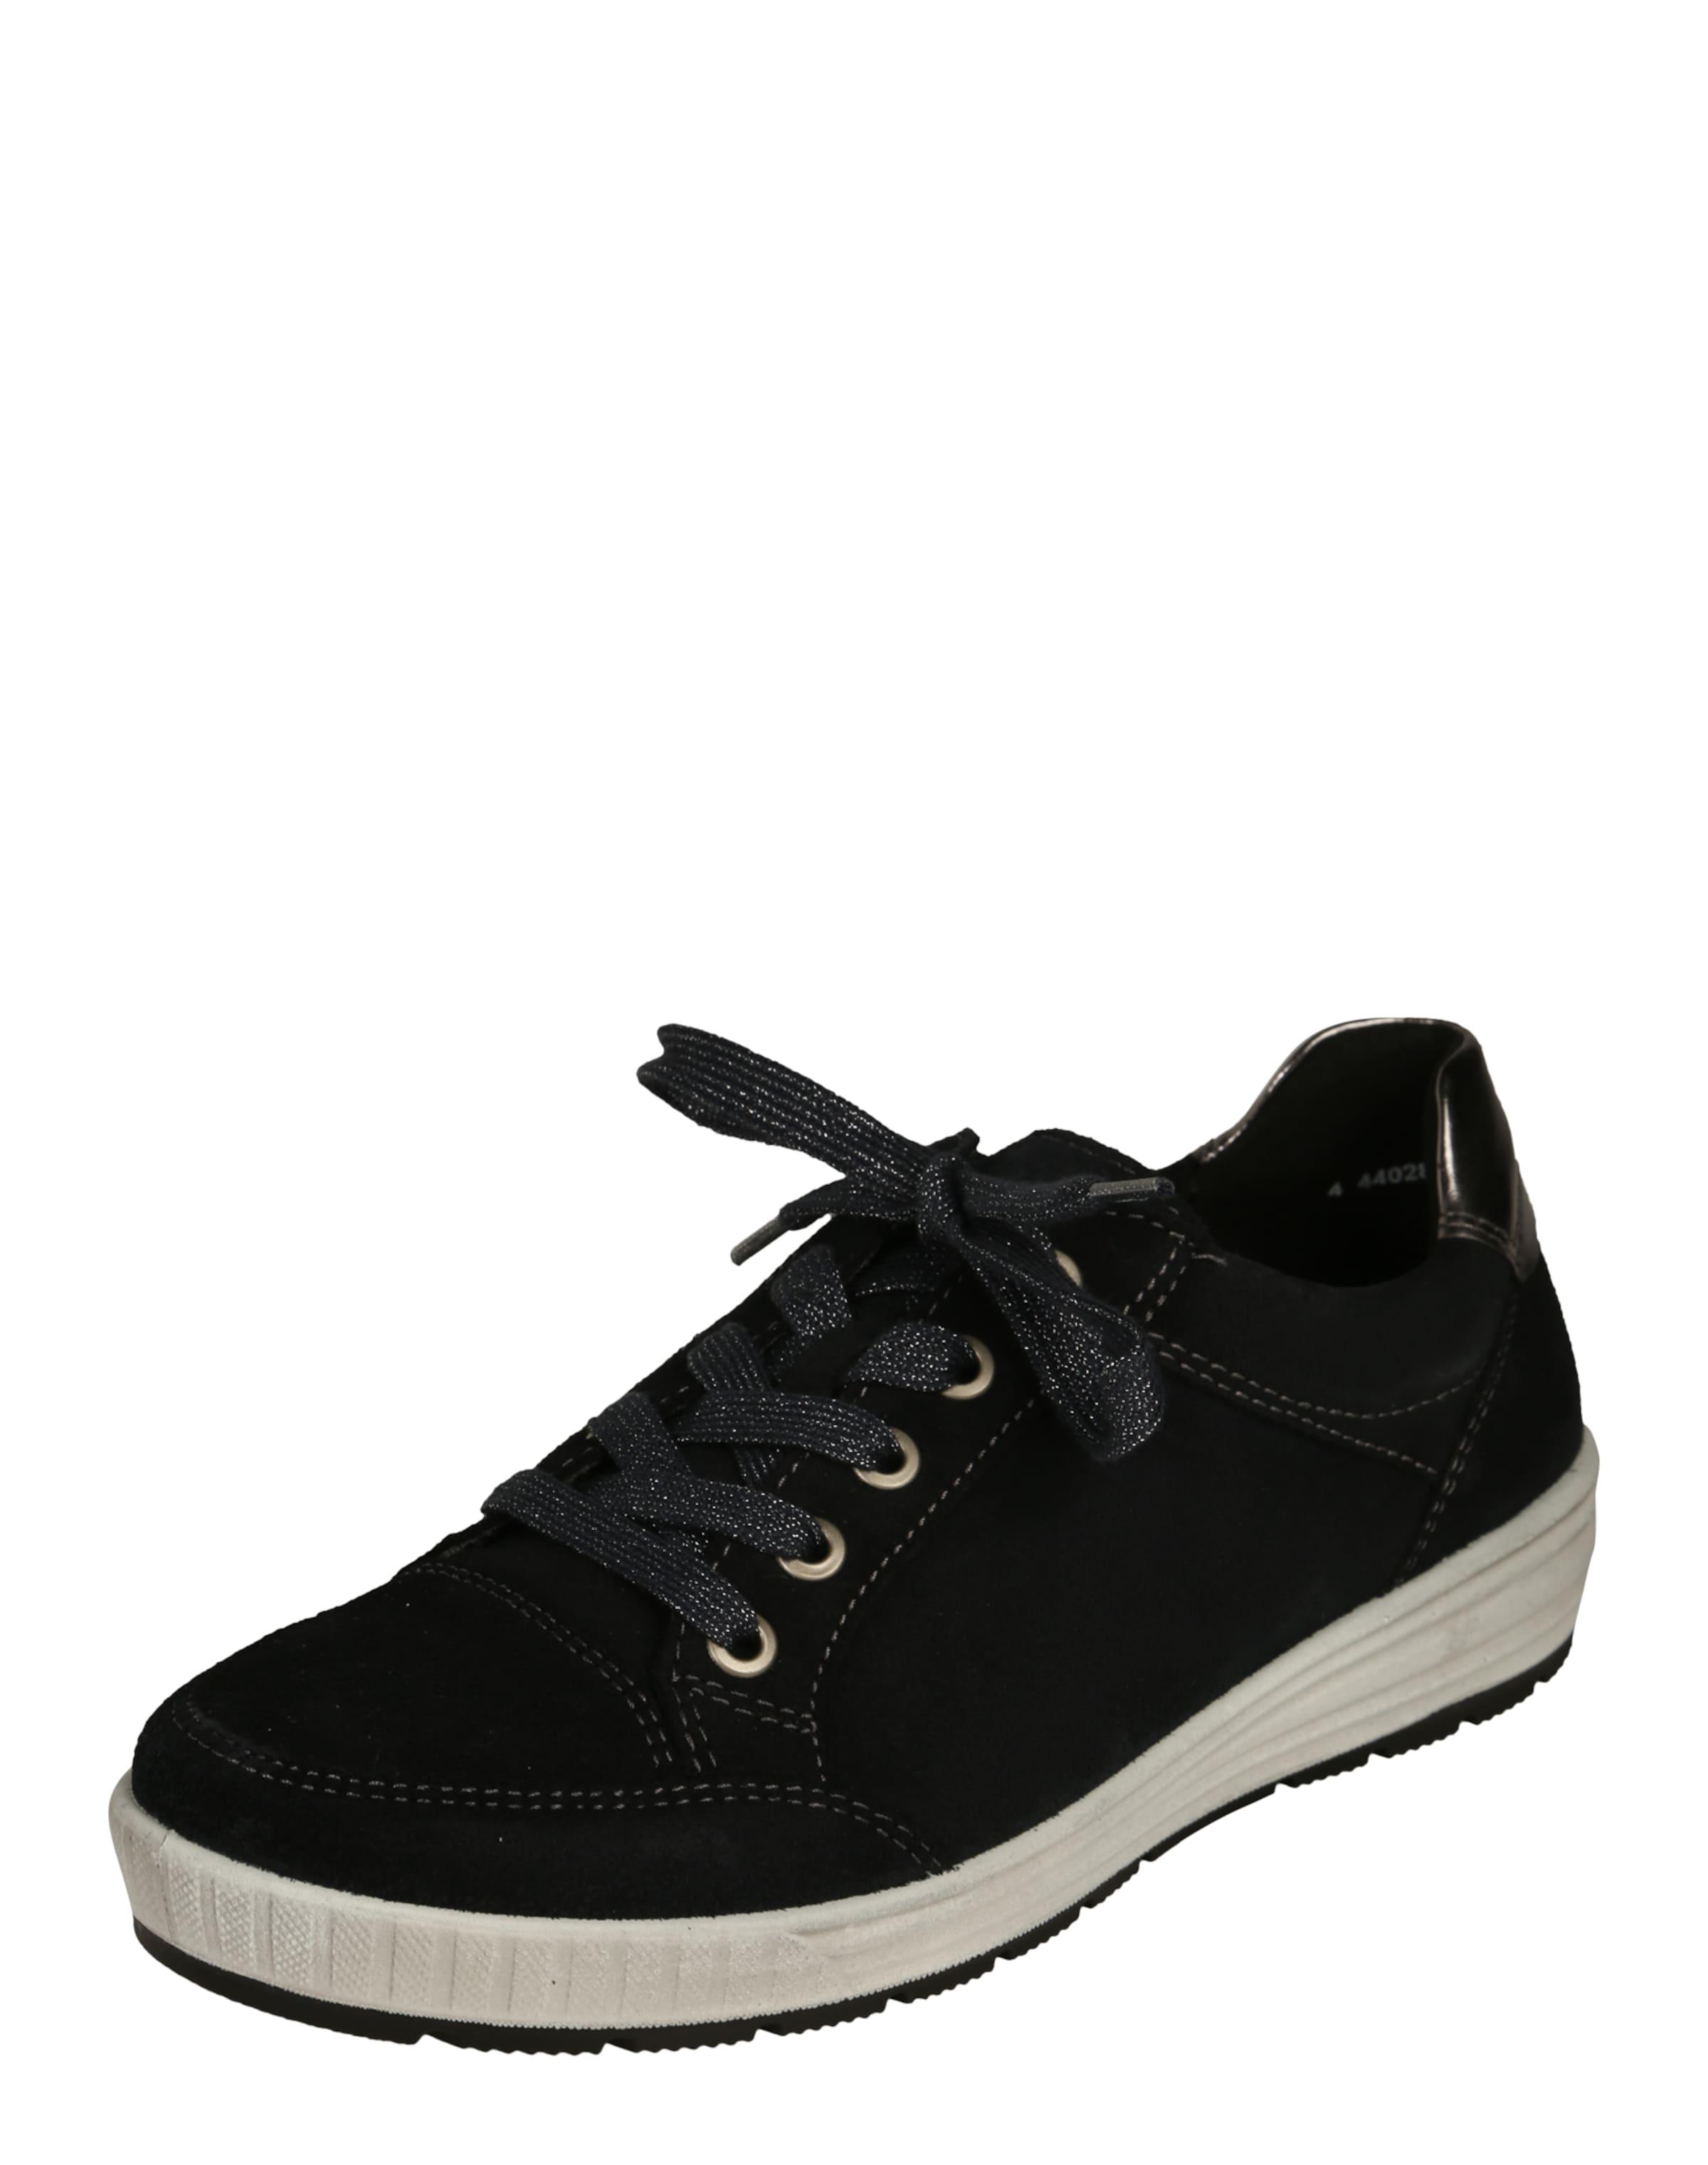 ARA Leder-Schnürschuh Nagano Verschleißfeste billige Schuhe